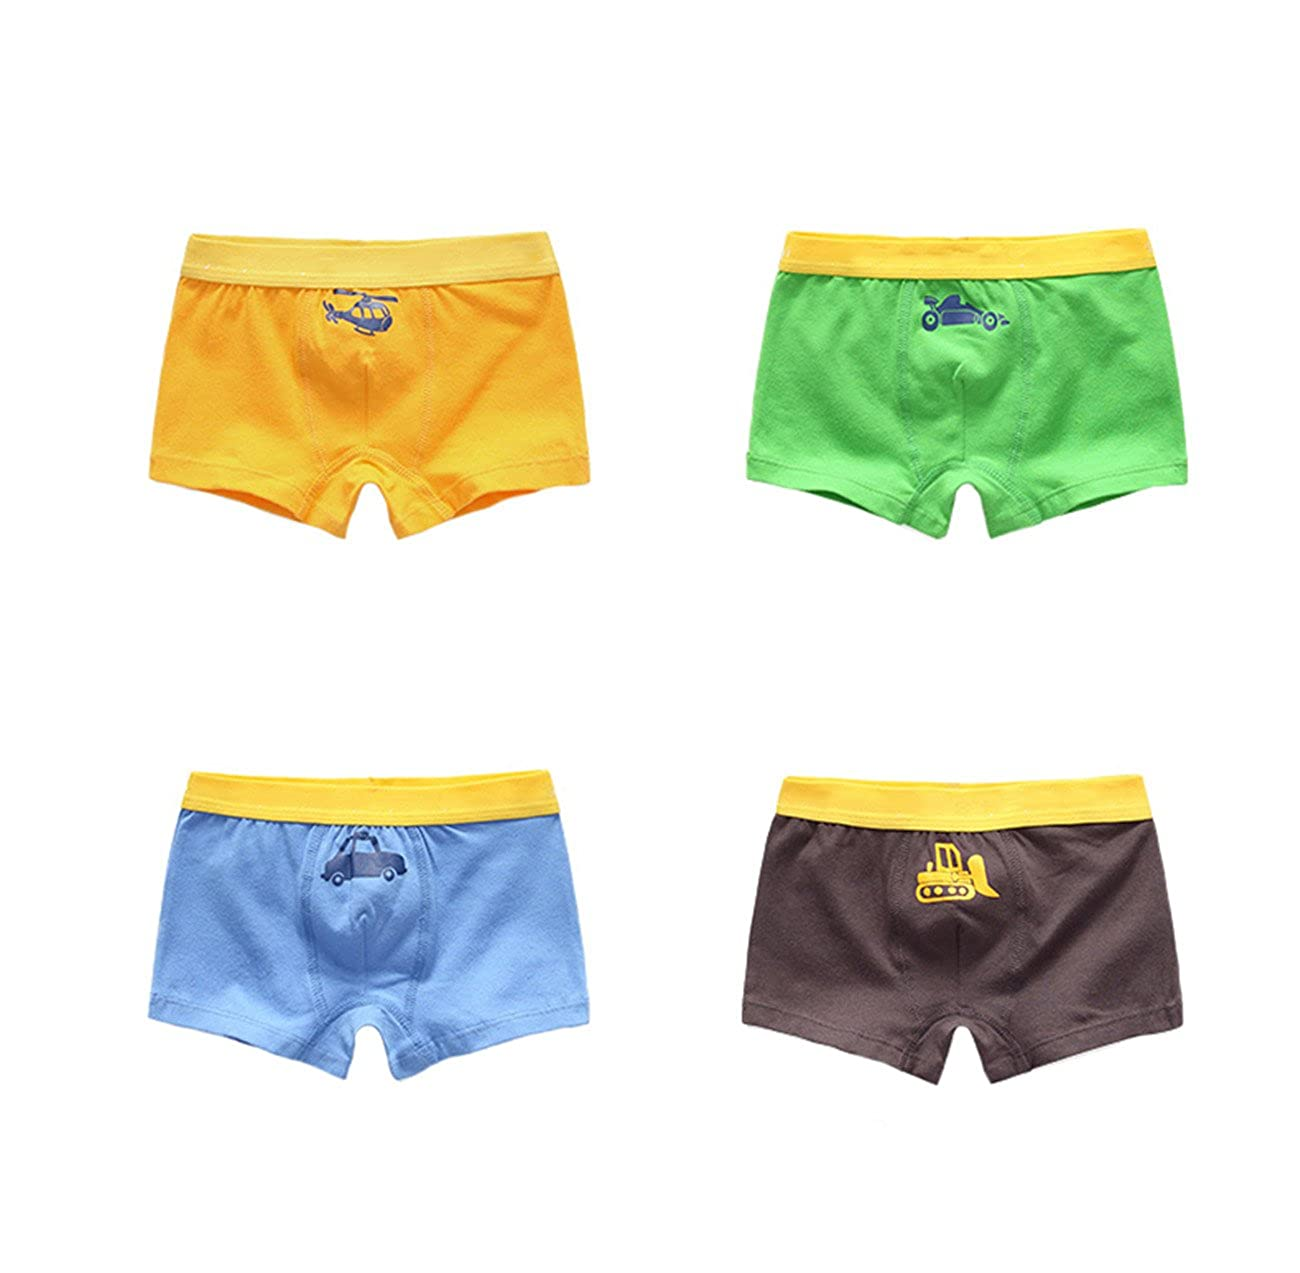 Babyicon Baby Jungen 1-7 Jahre Kinder Unterwäsche Boxershorts Unterhose Slip